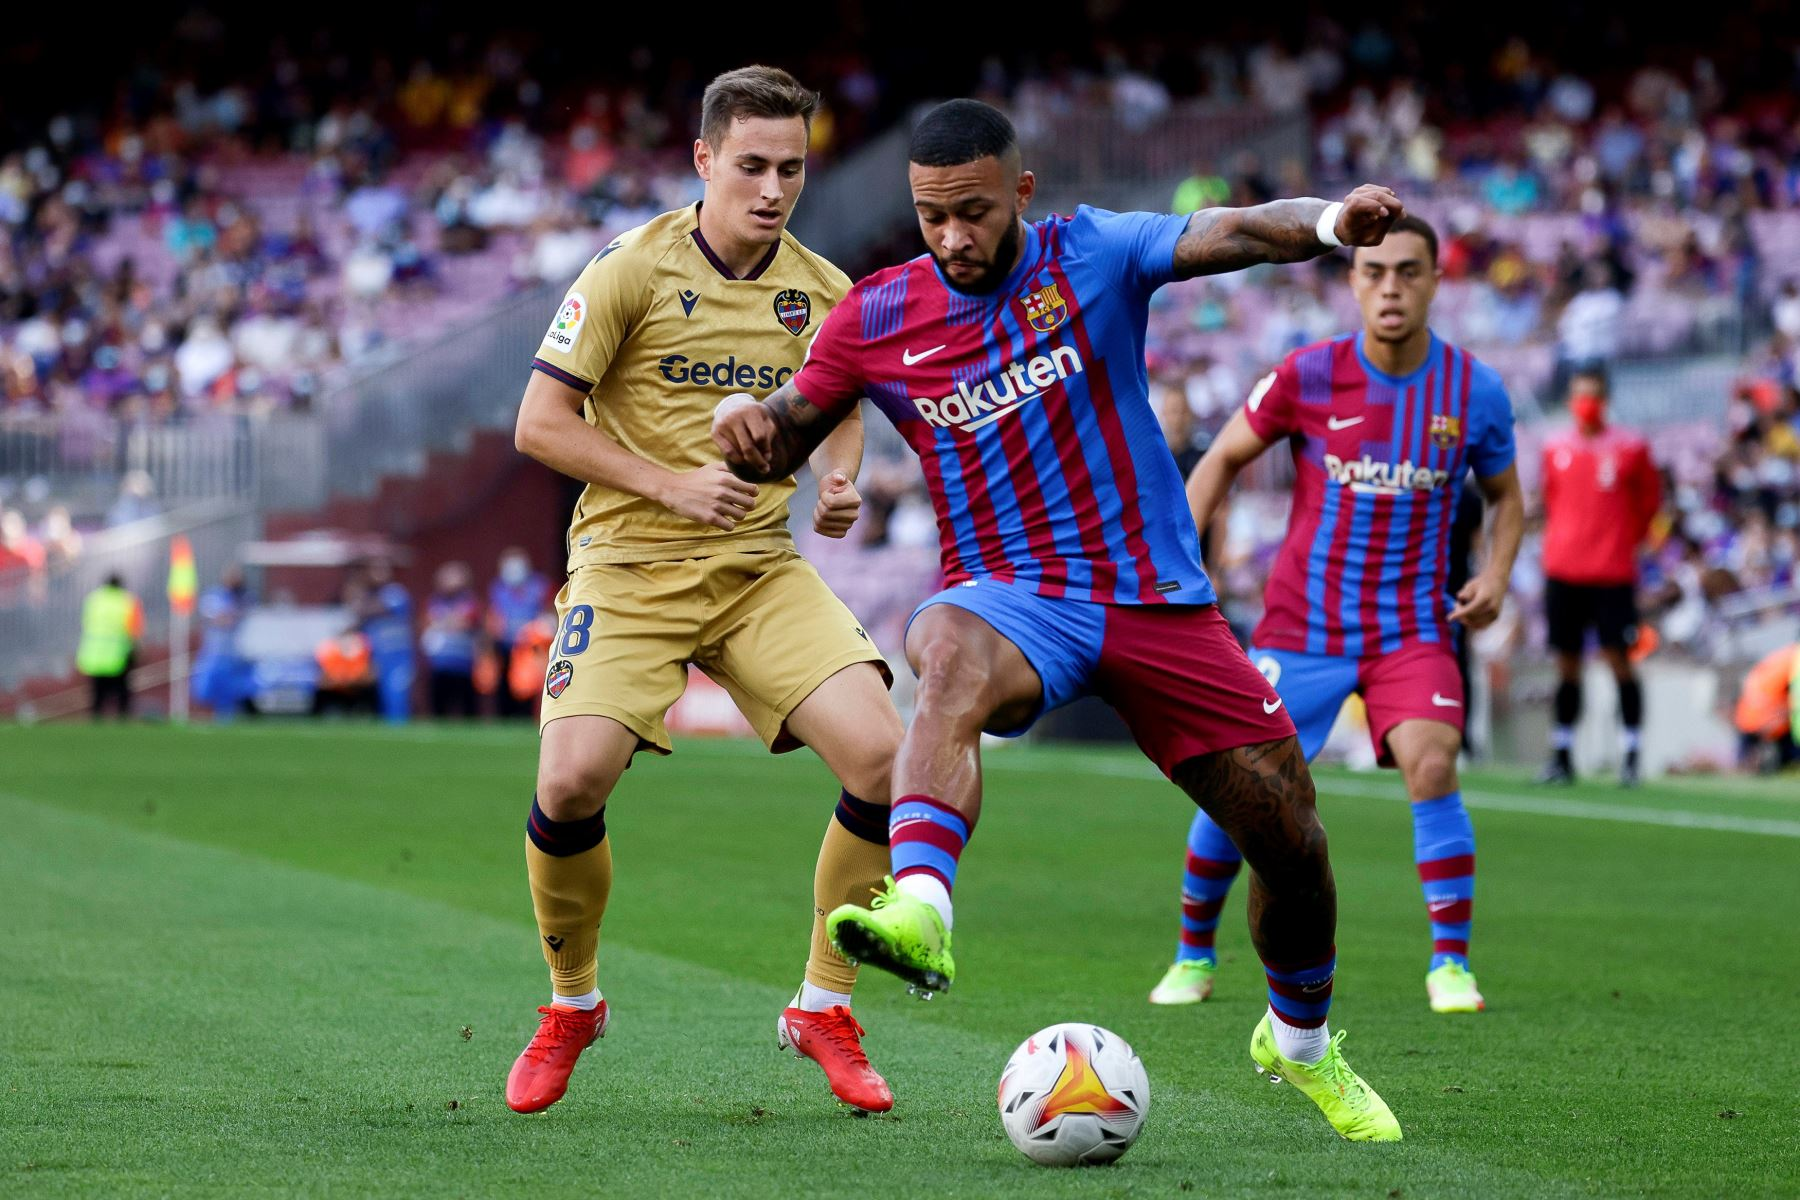 El delantero holandés del Barcelona Memphis Depay disputa el balón ante el extremo del Levante Jorge De Frutos durante el partido de la séptima jornada de LaLiga Santander, en el estadio Camp Nou. Foto: EFE